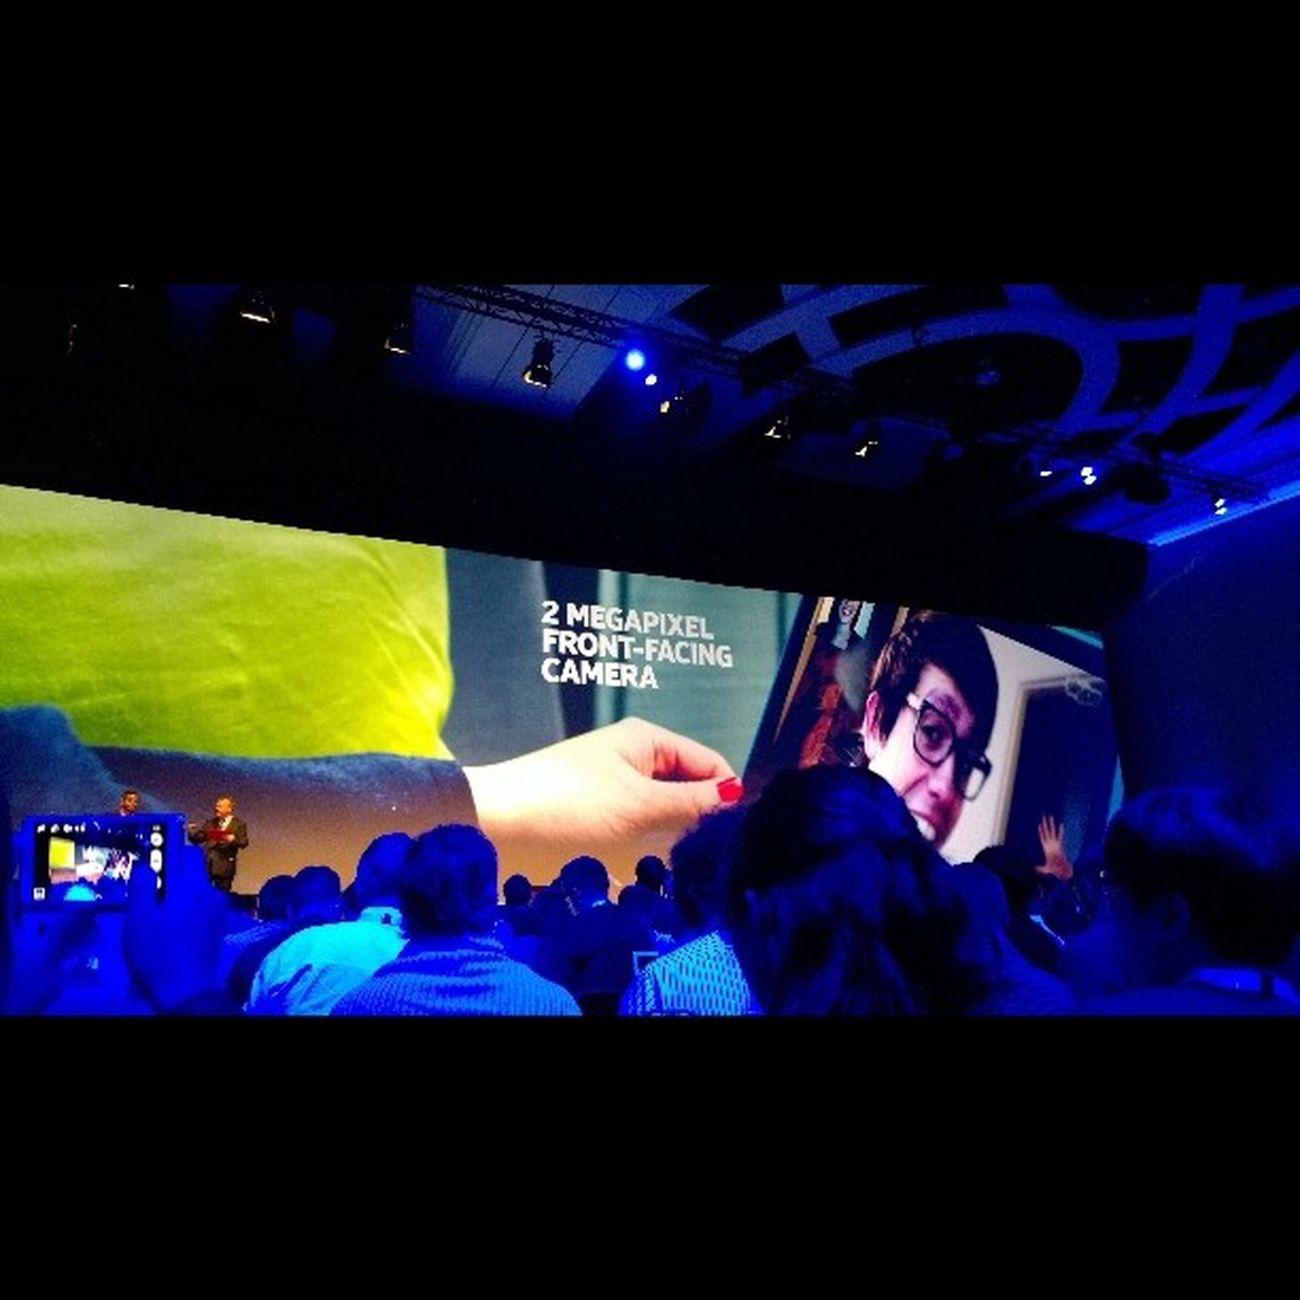 2mpx front camera Nokia  Lumua2520 Nokiaworld Nokiaworldkz